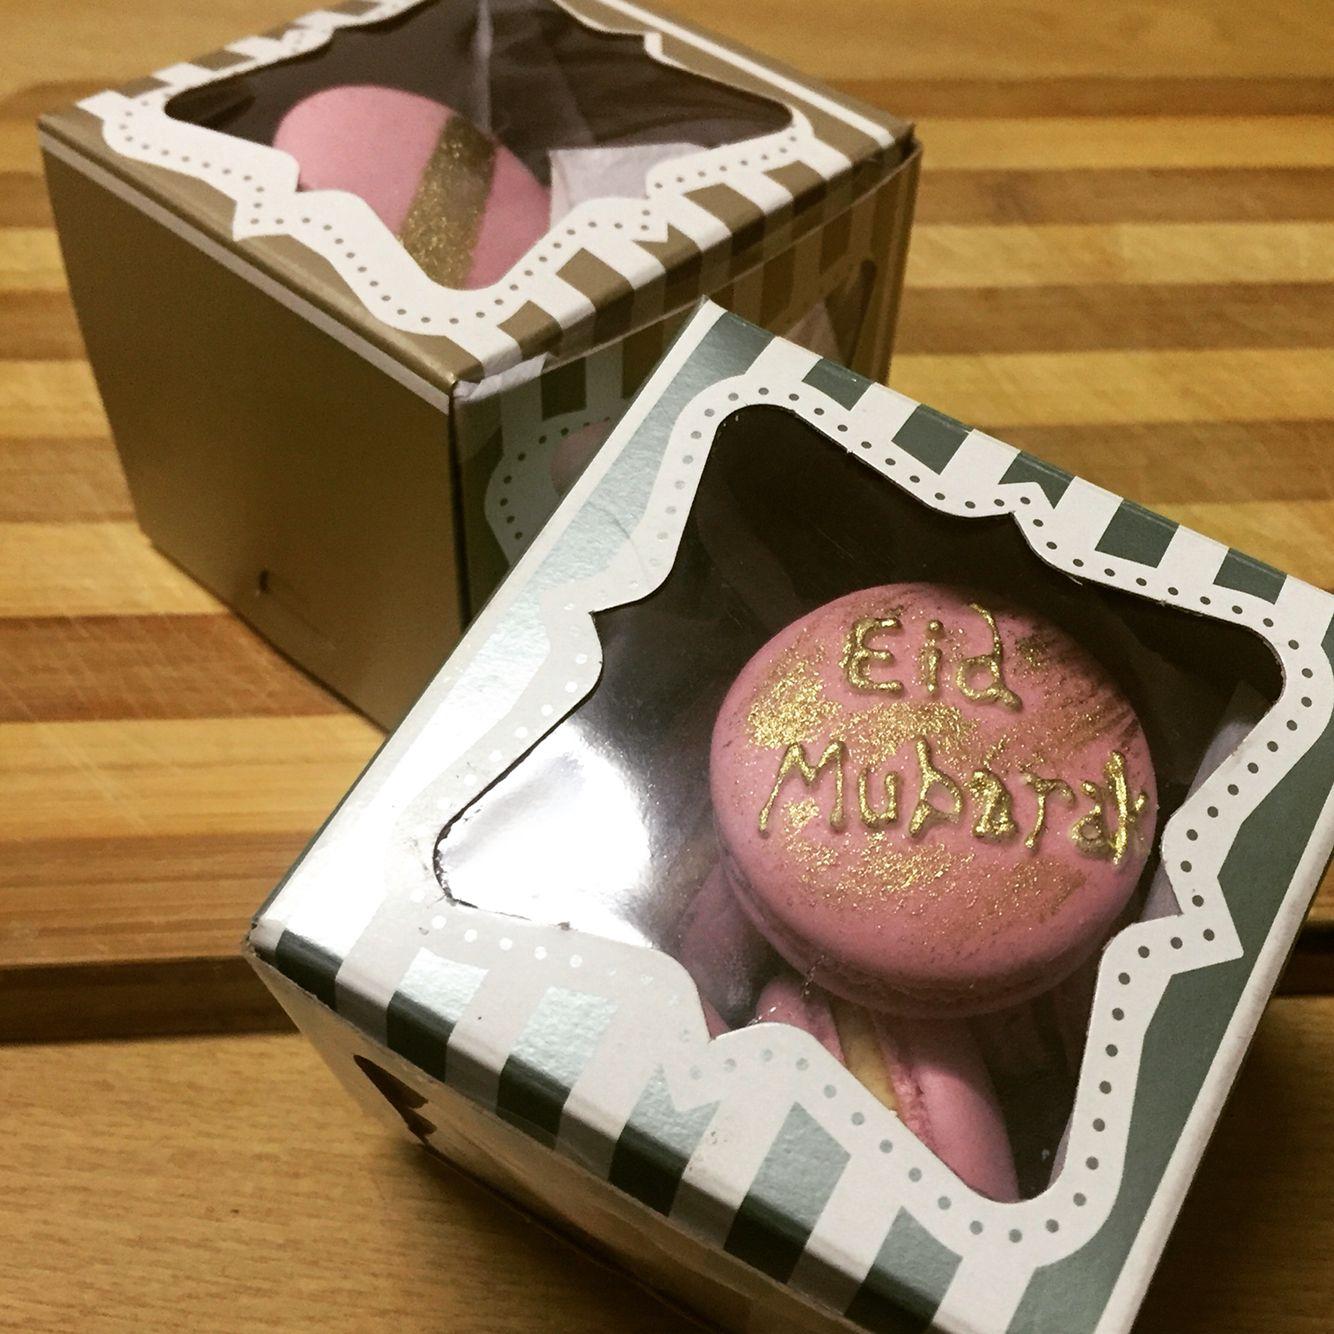 Eid boxes eid gift ideas macaron boxes eid goodies ive made eid boxes eid gift ideas macaron boxes negle Choice Image